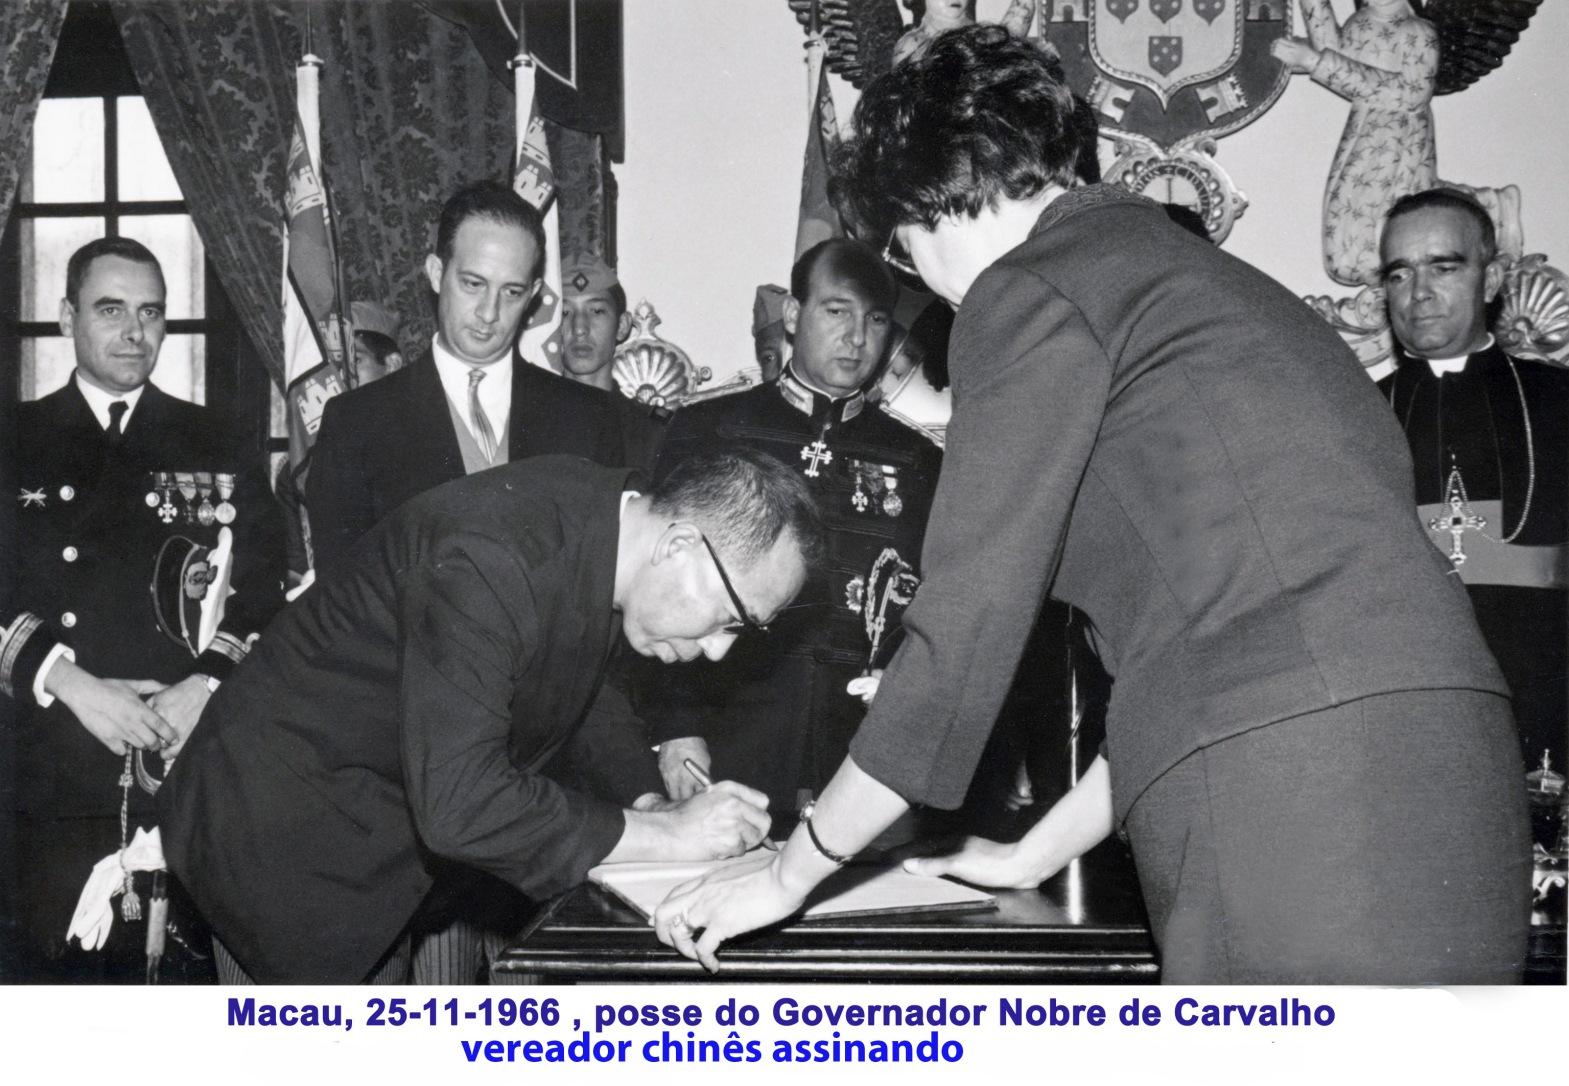 055 66-11-25 vereador chinês assina o livro